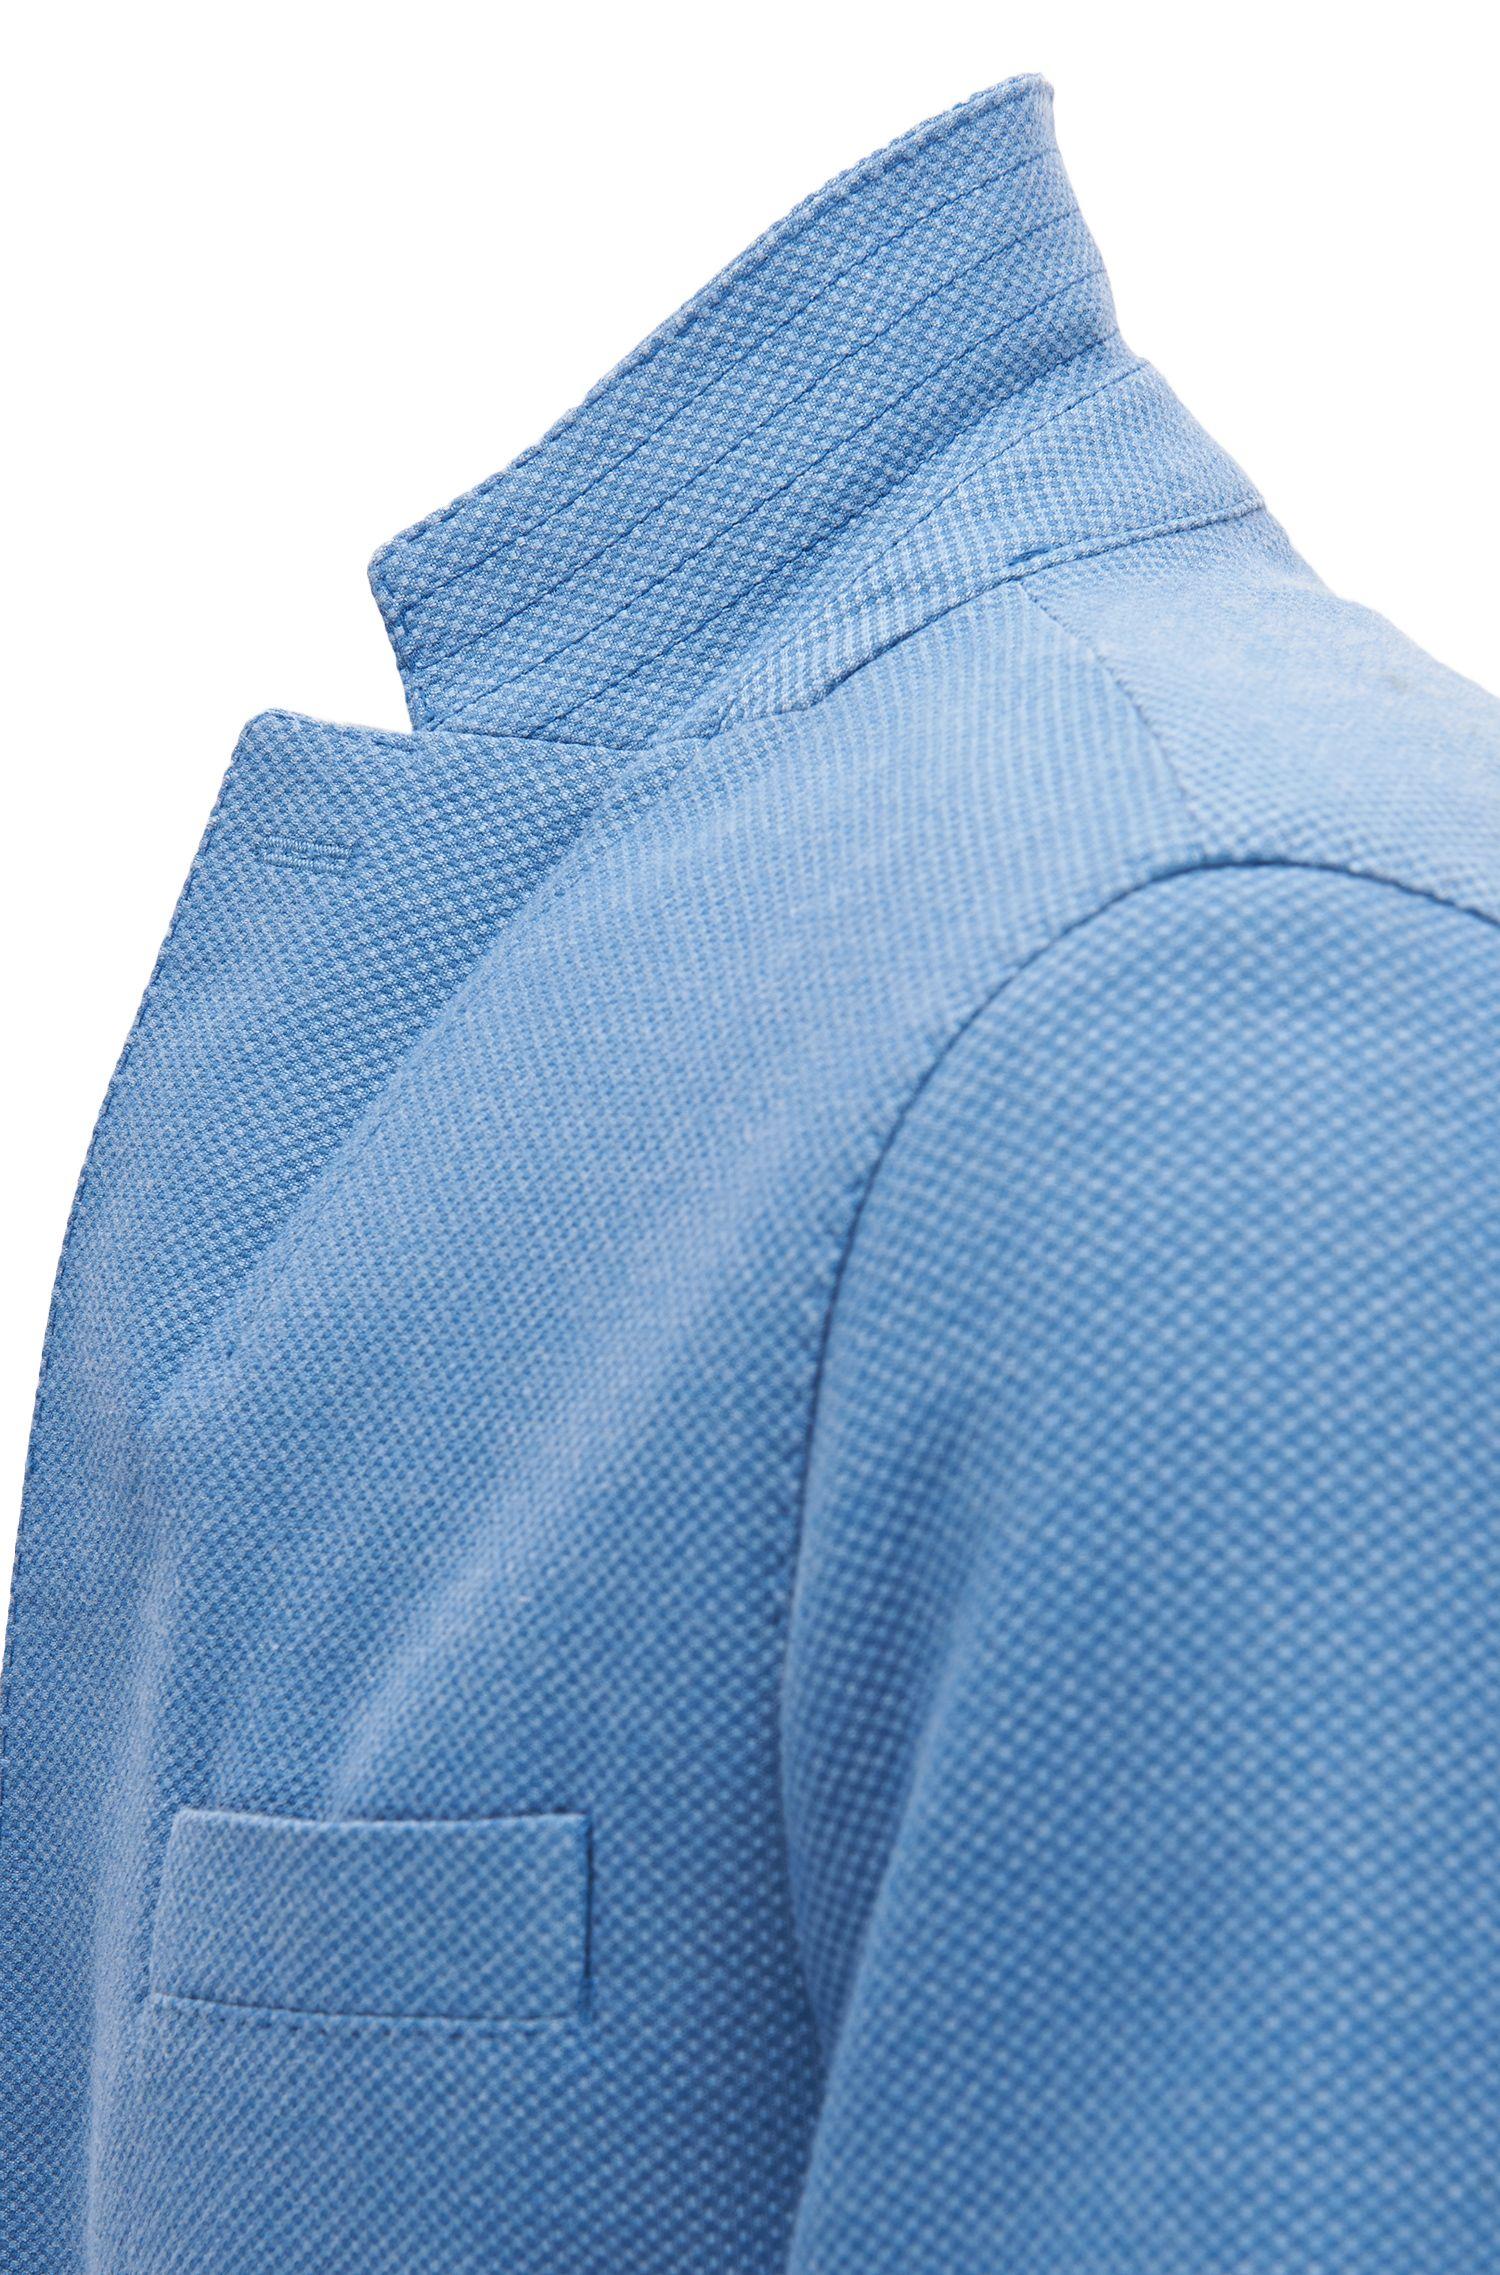 Birdseye Cotton Blend Sport Coat | Niells D, Open Blue